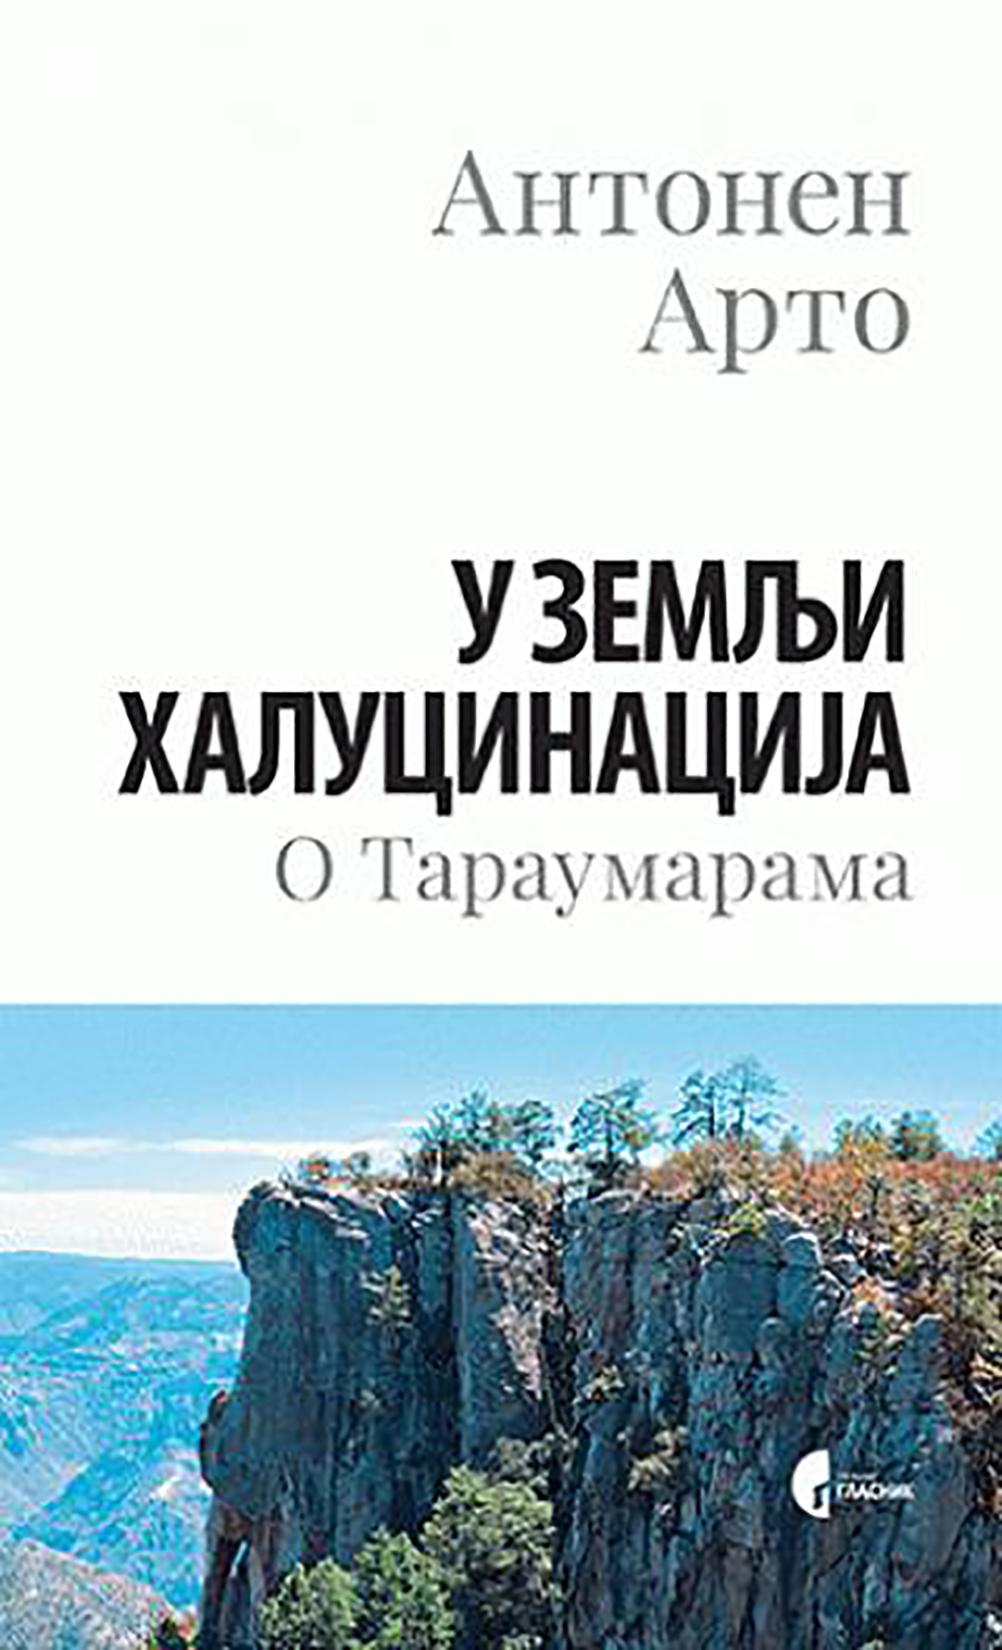 Antonen Arto, U zemlji halucinacija, knjiga, knjige